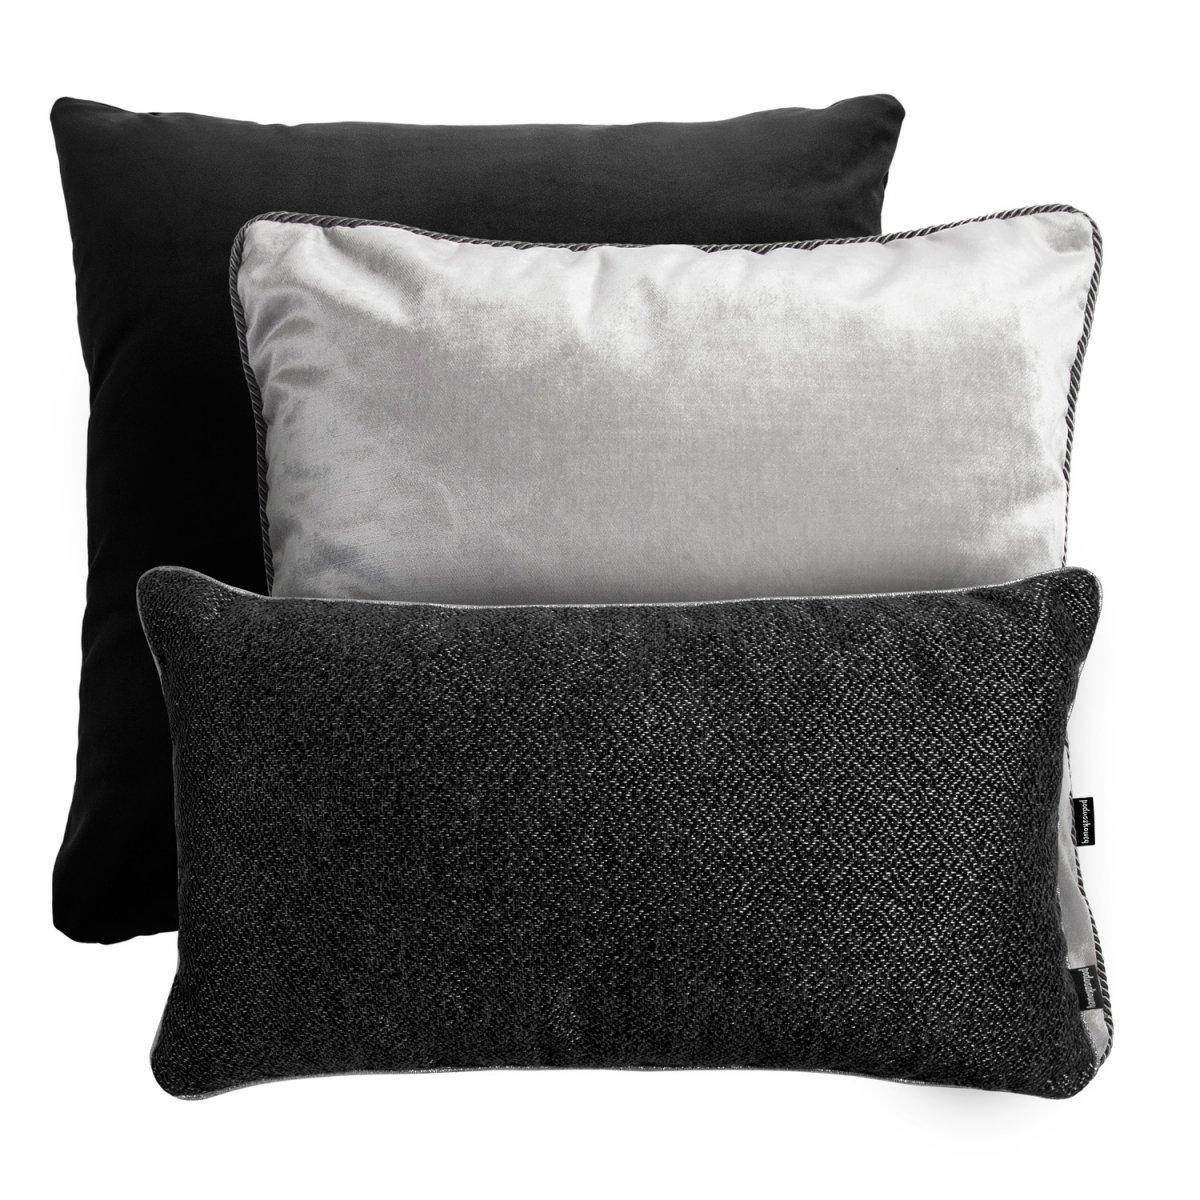 Srebrno czarny zestaw poduszek dekoracyjnych Alaska